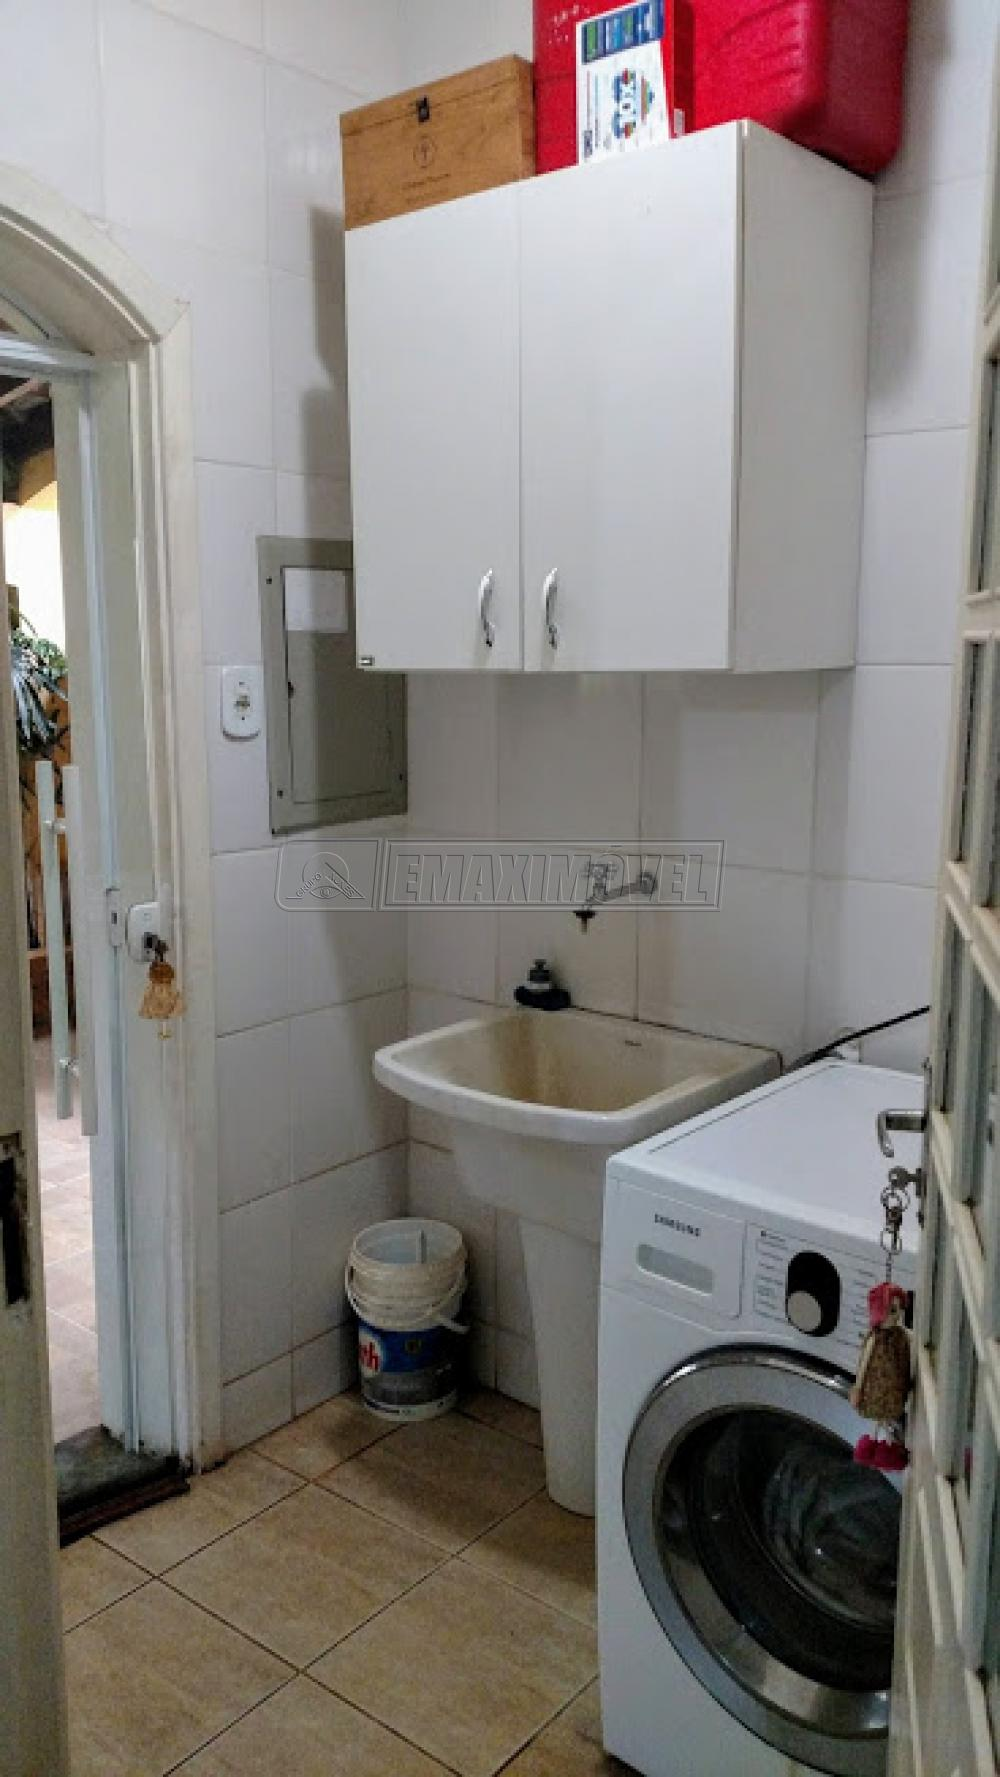 Comprar Casas / em Condomínios em Itu apenas R$ 1.800.000,00 - Foto 17